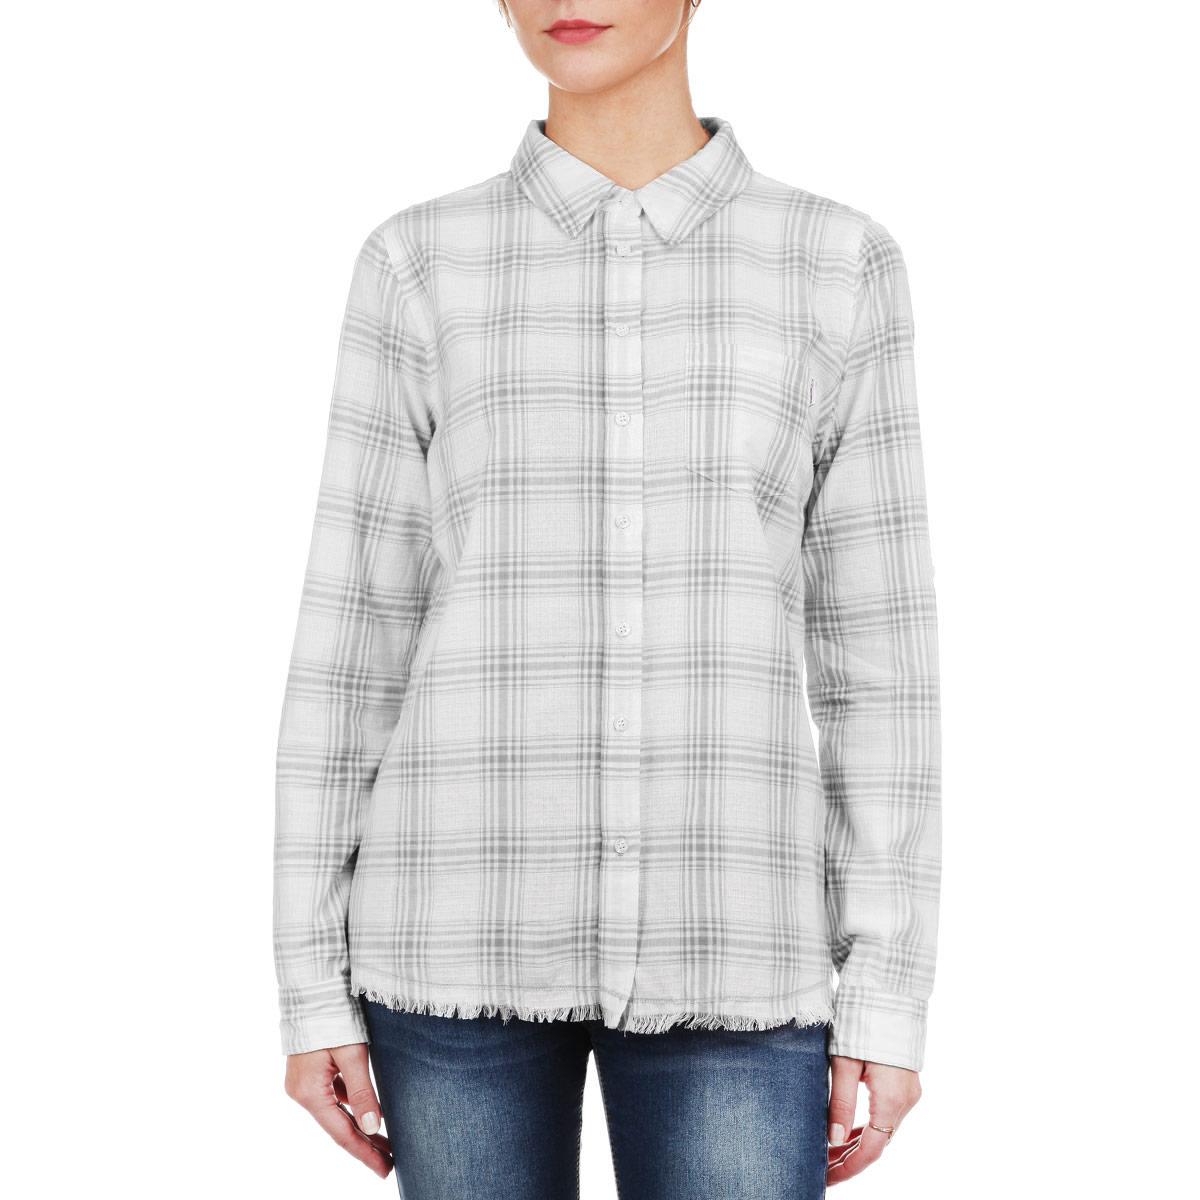 Рубашка60101694 00DСтильная женская рубашка Broadway, выполненная из мягкого хлопка, обладает высокой теплопроводностью, воздухопроницаемостью и гигроскопичностью, позволяет коже дышать, тем самым обеспечивая наибольший комфорт при носке даже самым жарким летом. Рубашка с длинными рукавами, отложным воротником и полукруглым низом застегивается на пуговицы. На груди модель дополнена накладным карманом. Низ изделия оформлен бахромой. Такая рубашка будет дарить вам комфорт в течение всего дня и послужит замечательным дополнением к вашему гардеробу.